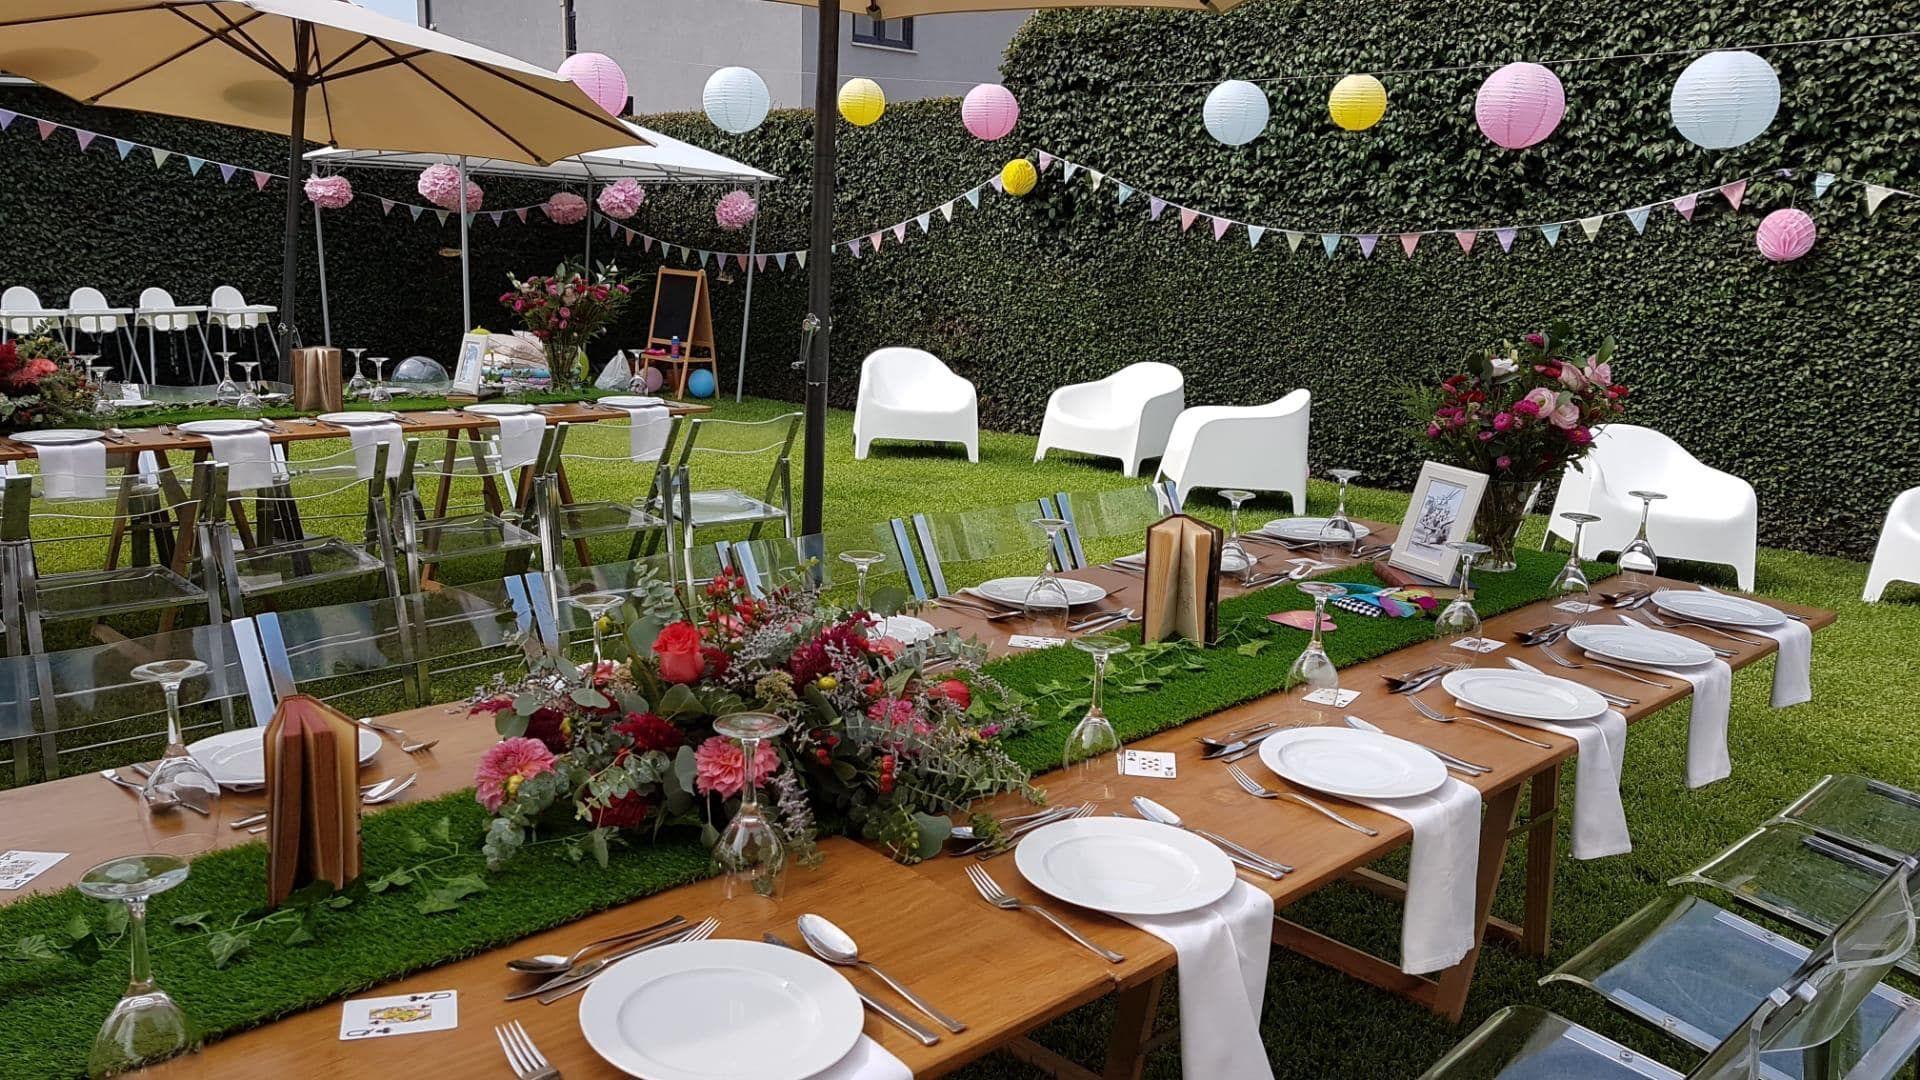 festa no jardim com mesas, pratos e cadeiras